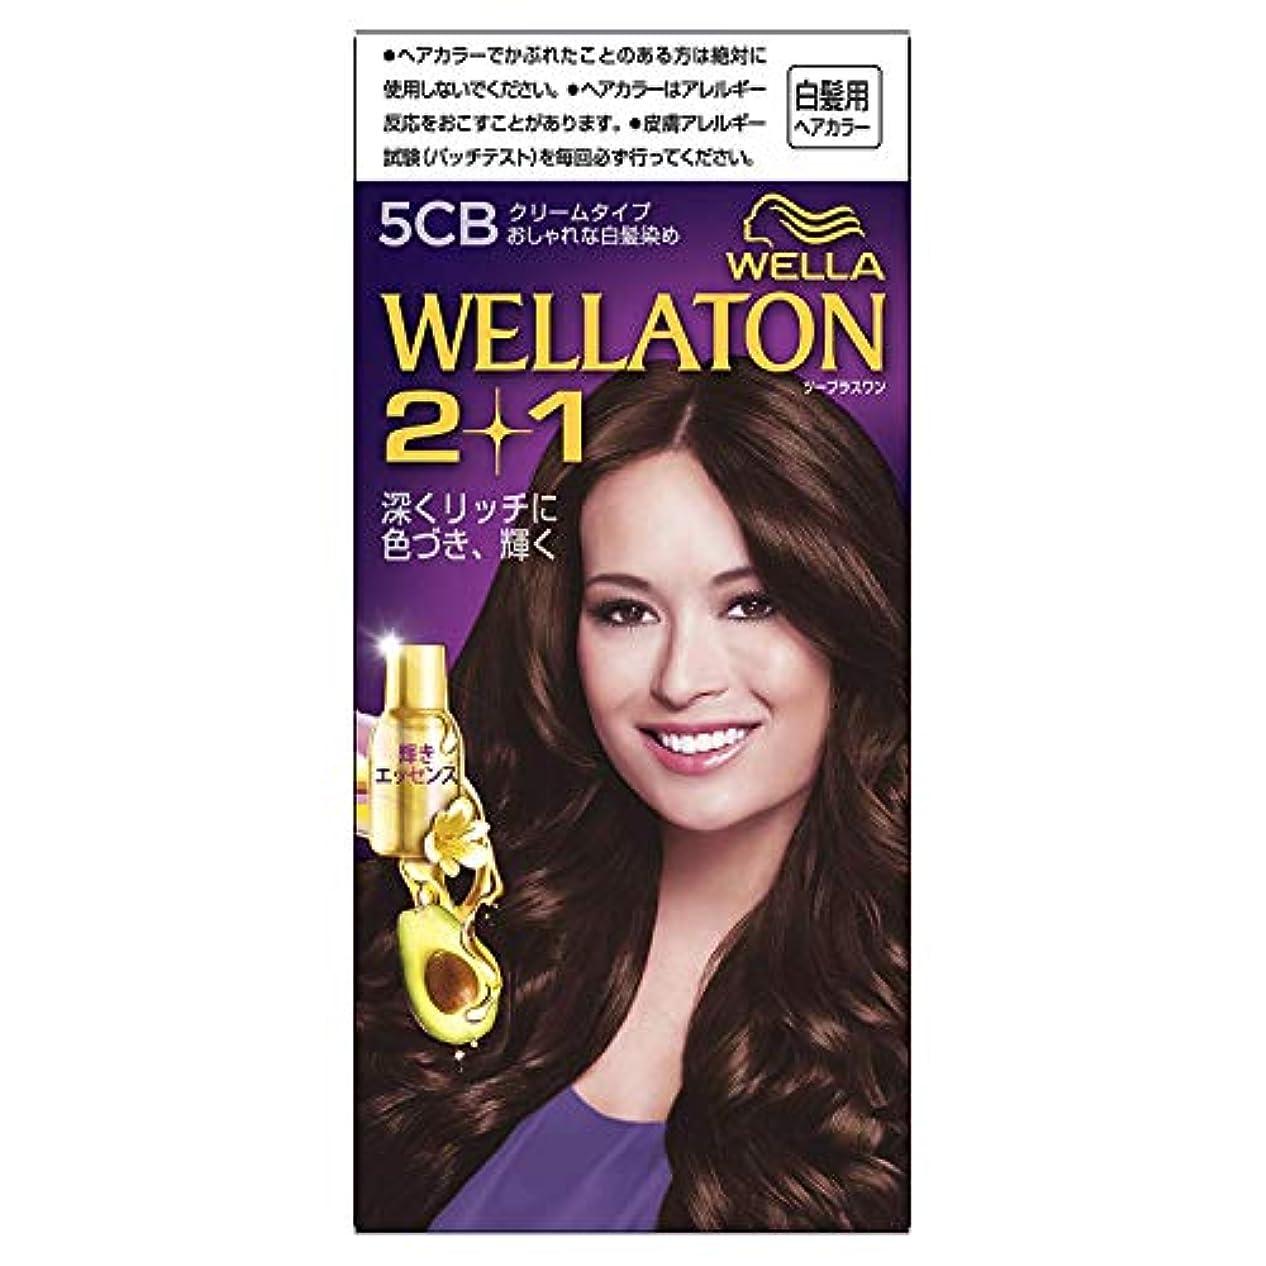 個性スプレー電気的ウエラトーン2+1 白髪染め クリームタイプ 5CB [医薬部外品] ×6個